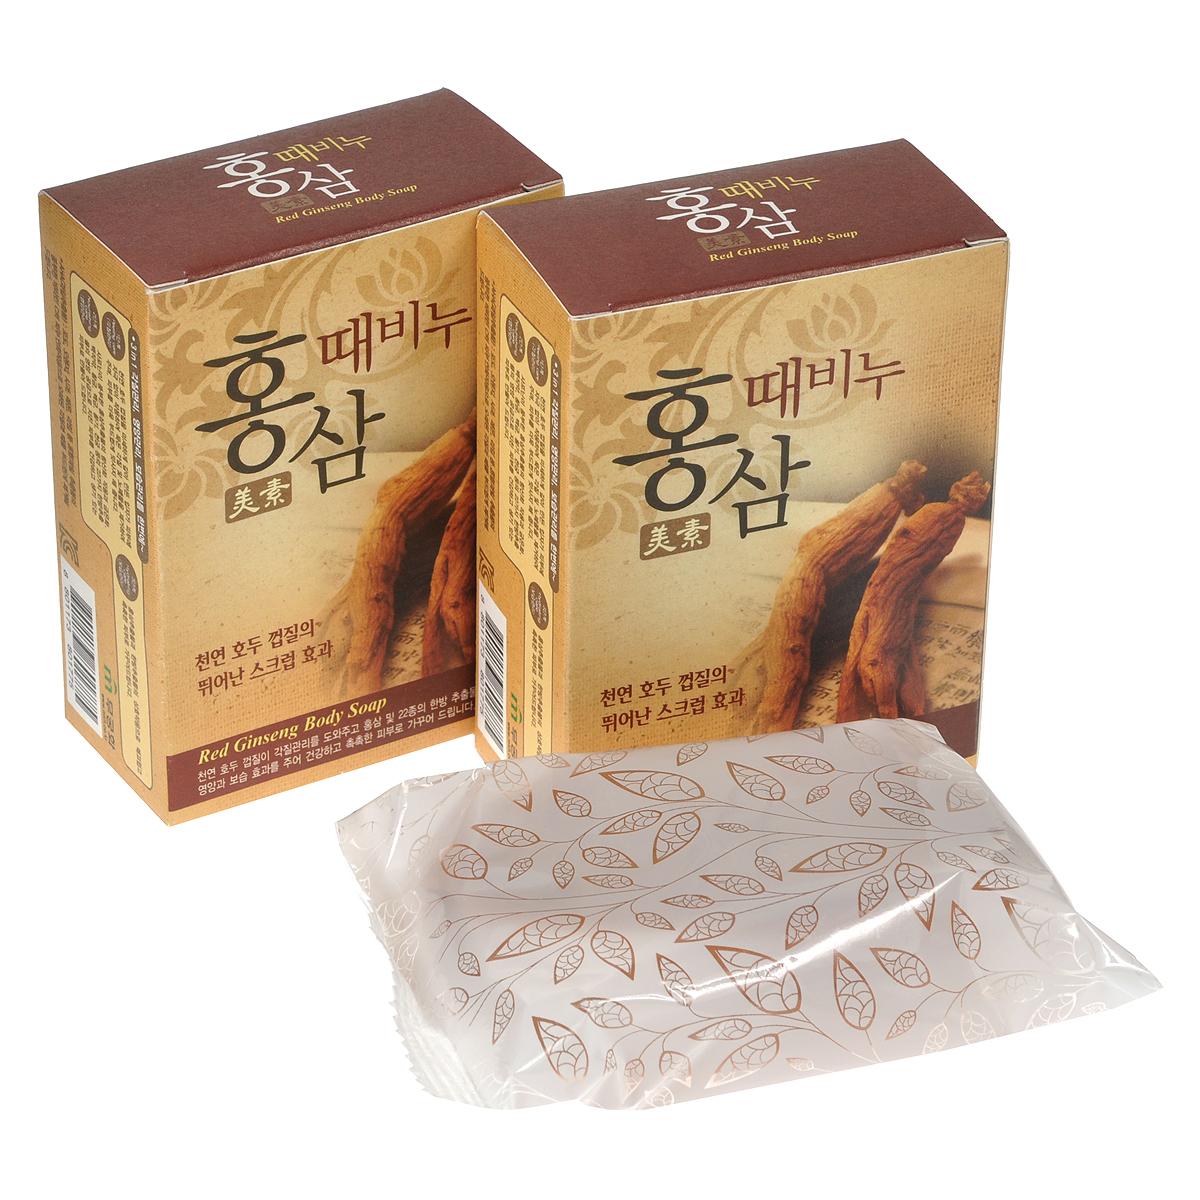 Mukunghwa Косметическое мыло-скраб Красный женьшень, 3 х 100 гУТ000000708Скорлупа грецкого ореха оказывает пилинговый эффект на кожу. 22 растительных экстракта, в том числе экстракт красного женьшеня, превосходно питают и увлажняют кожу. Способ применения : массирующими движениями нанесите мыло-скраб на кожу, после чего тщательно смойте обильным количеством воды.